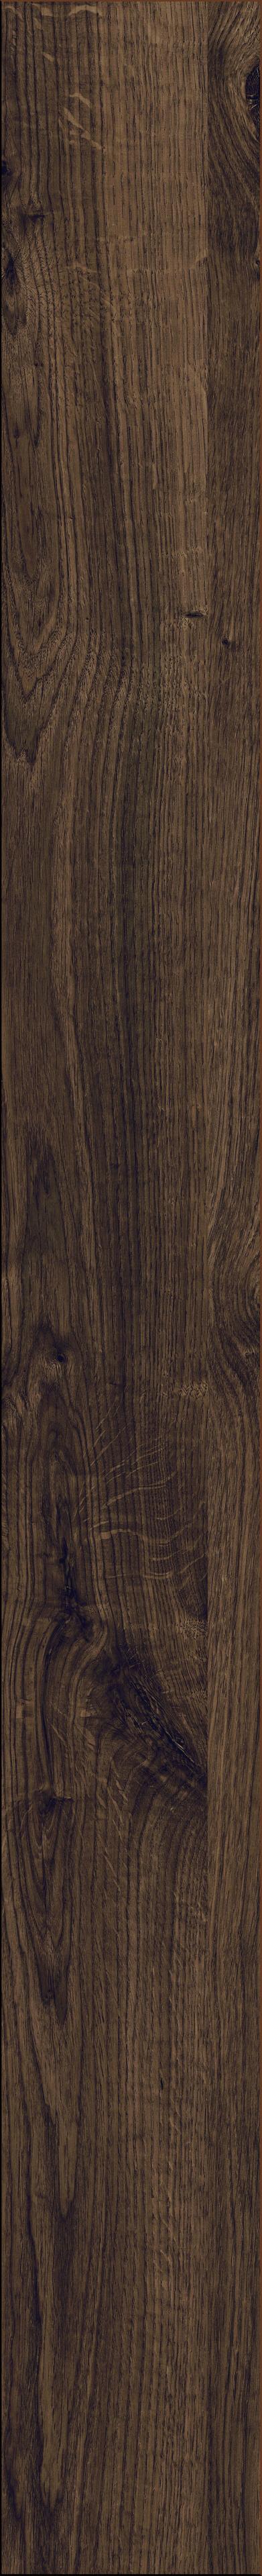 Kronotex mammut everest oak d 3076 from kronotex for Mammut laminate flooring